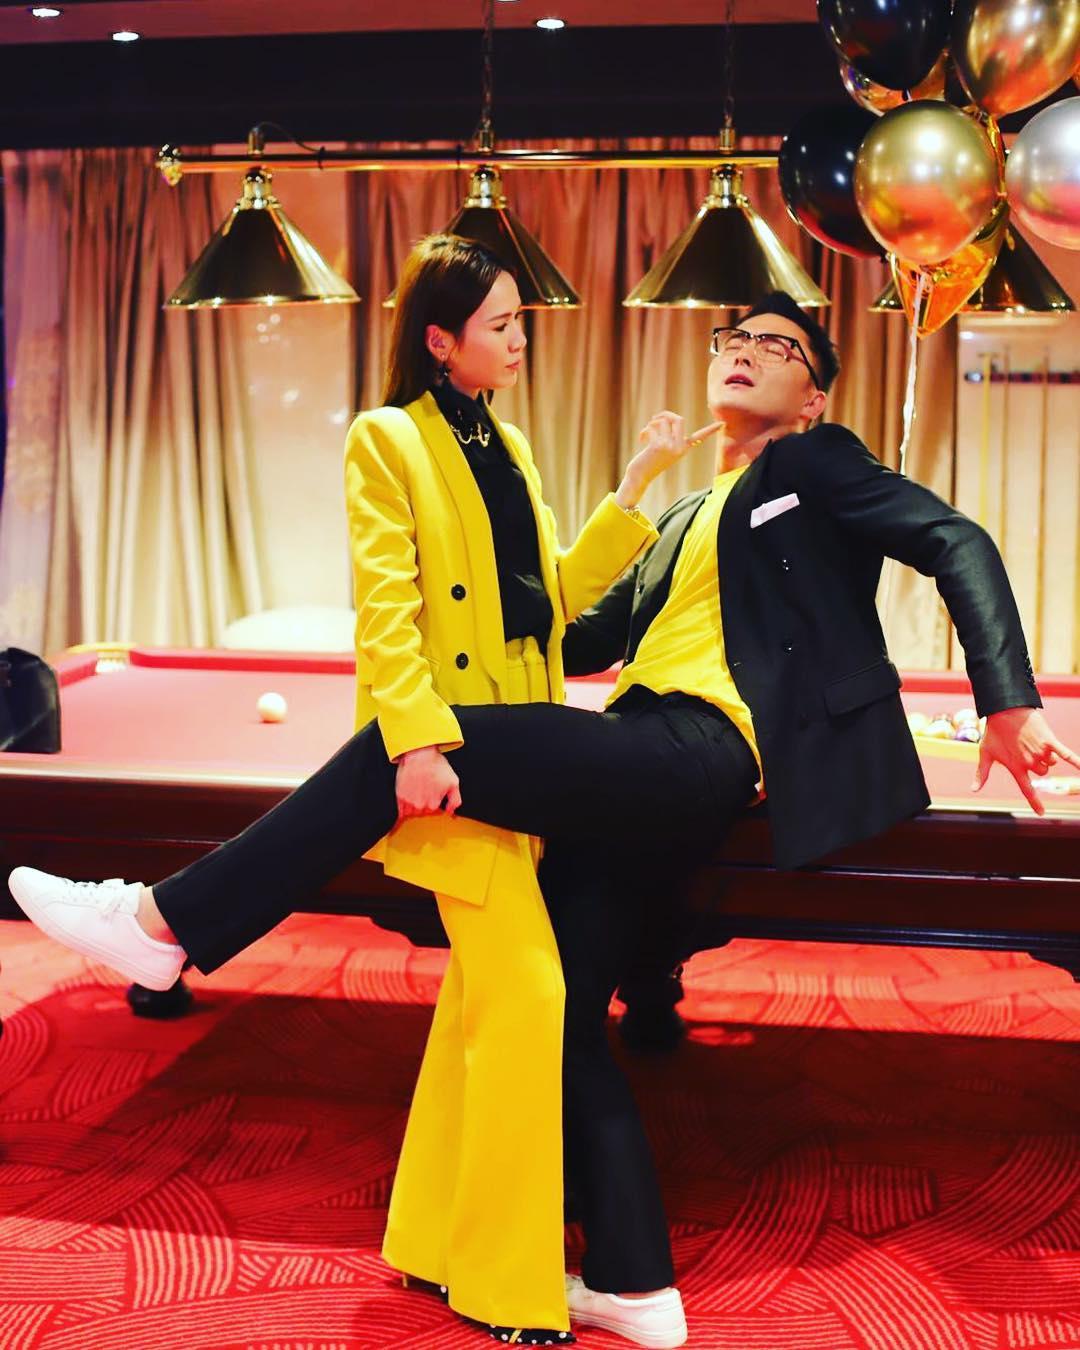 TVB男星杨明女友生日,两人疯狂秀恩爱!网友:赶快结婚吧!插图1